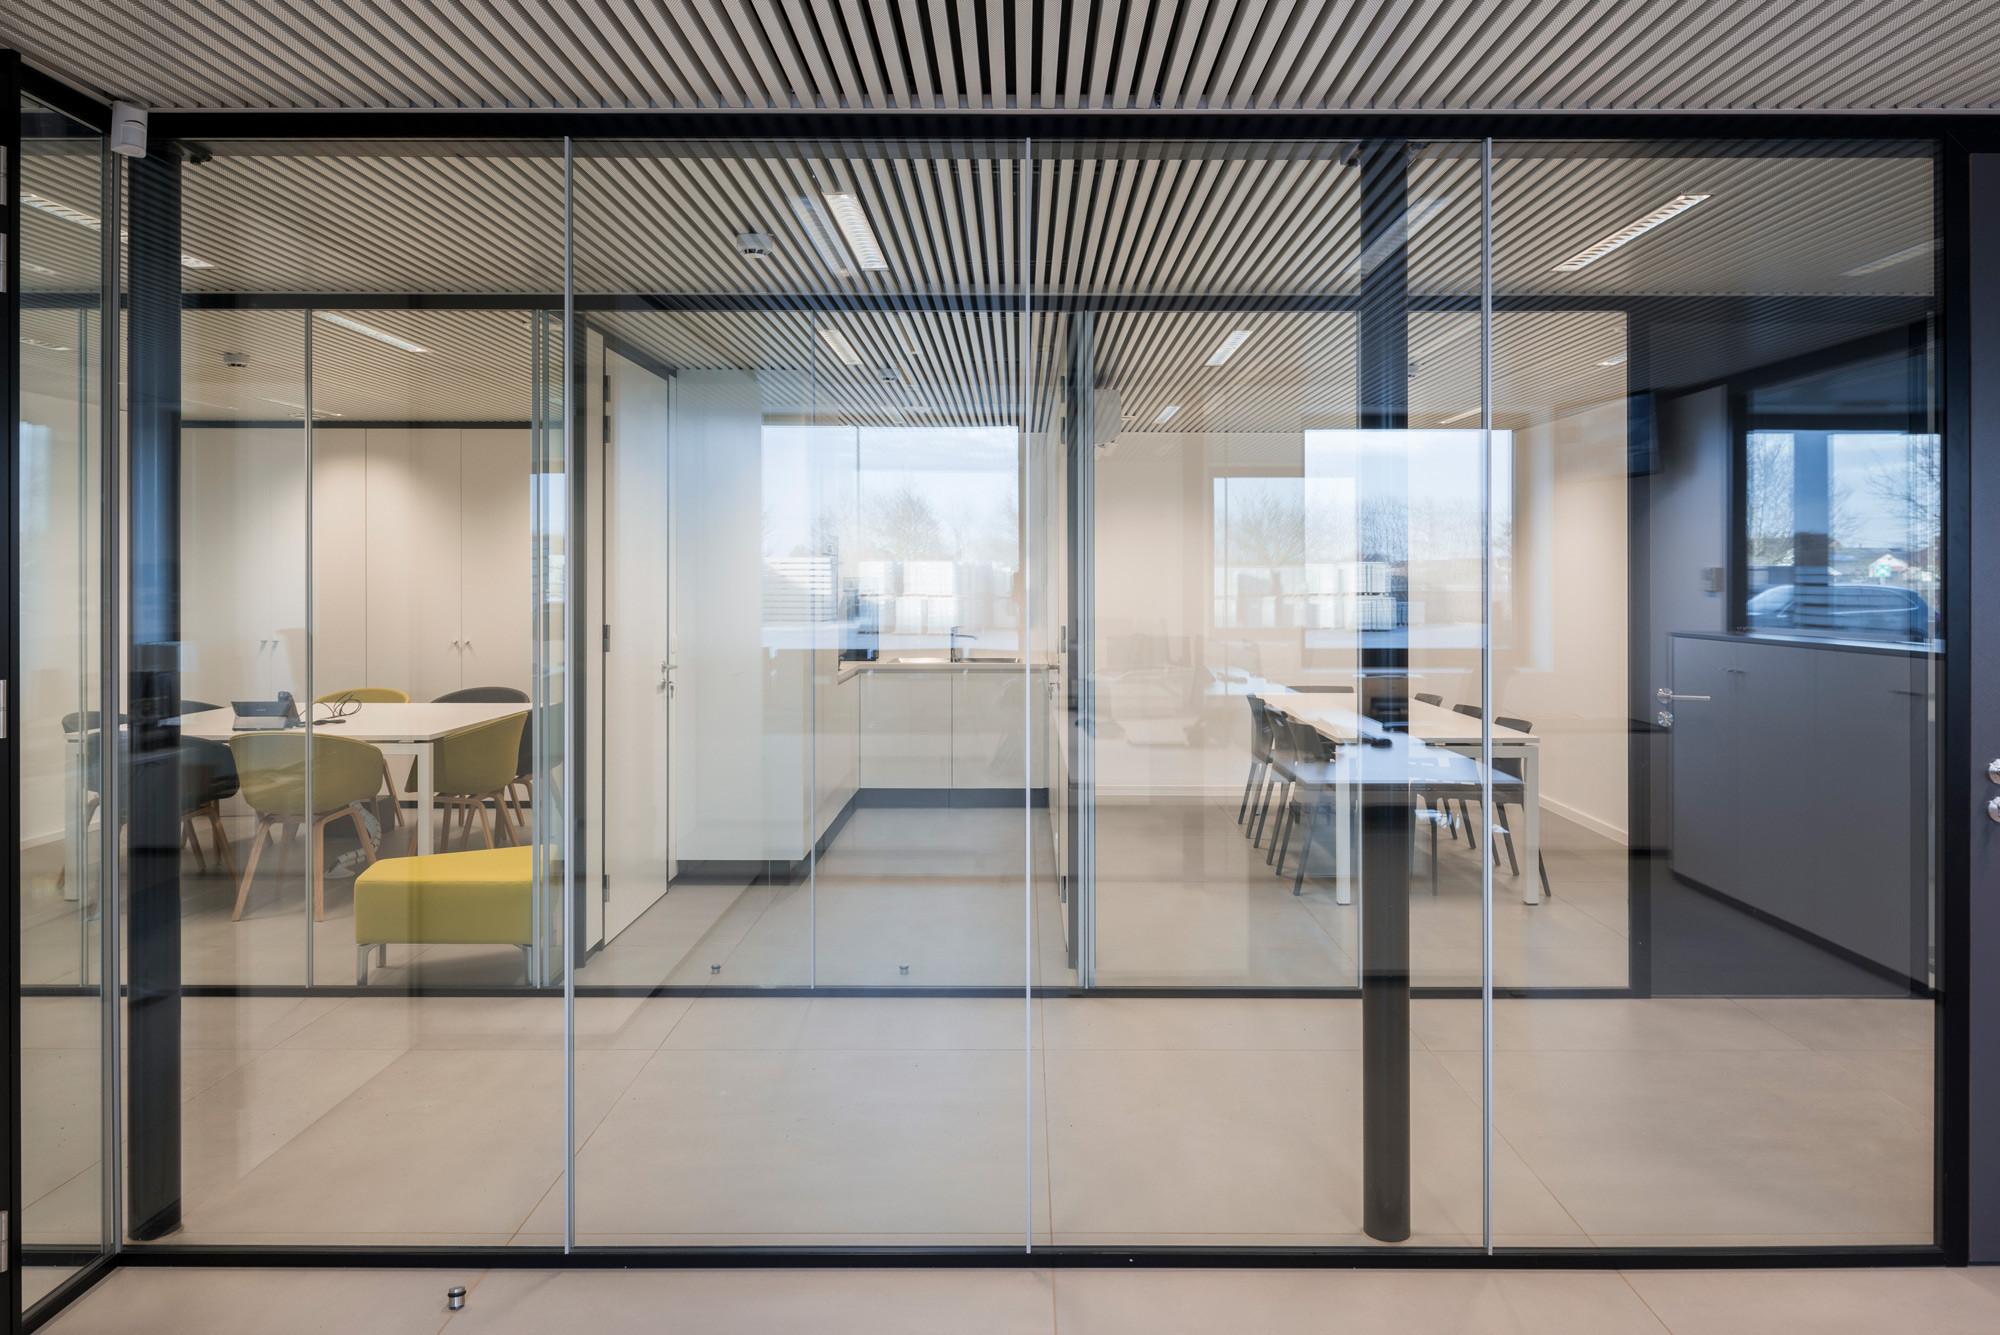 Kantoorgebouw_Komen_claeys Architecten-17.jpg